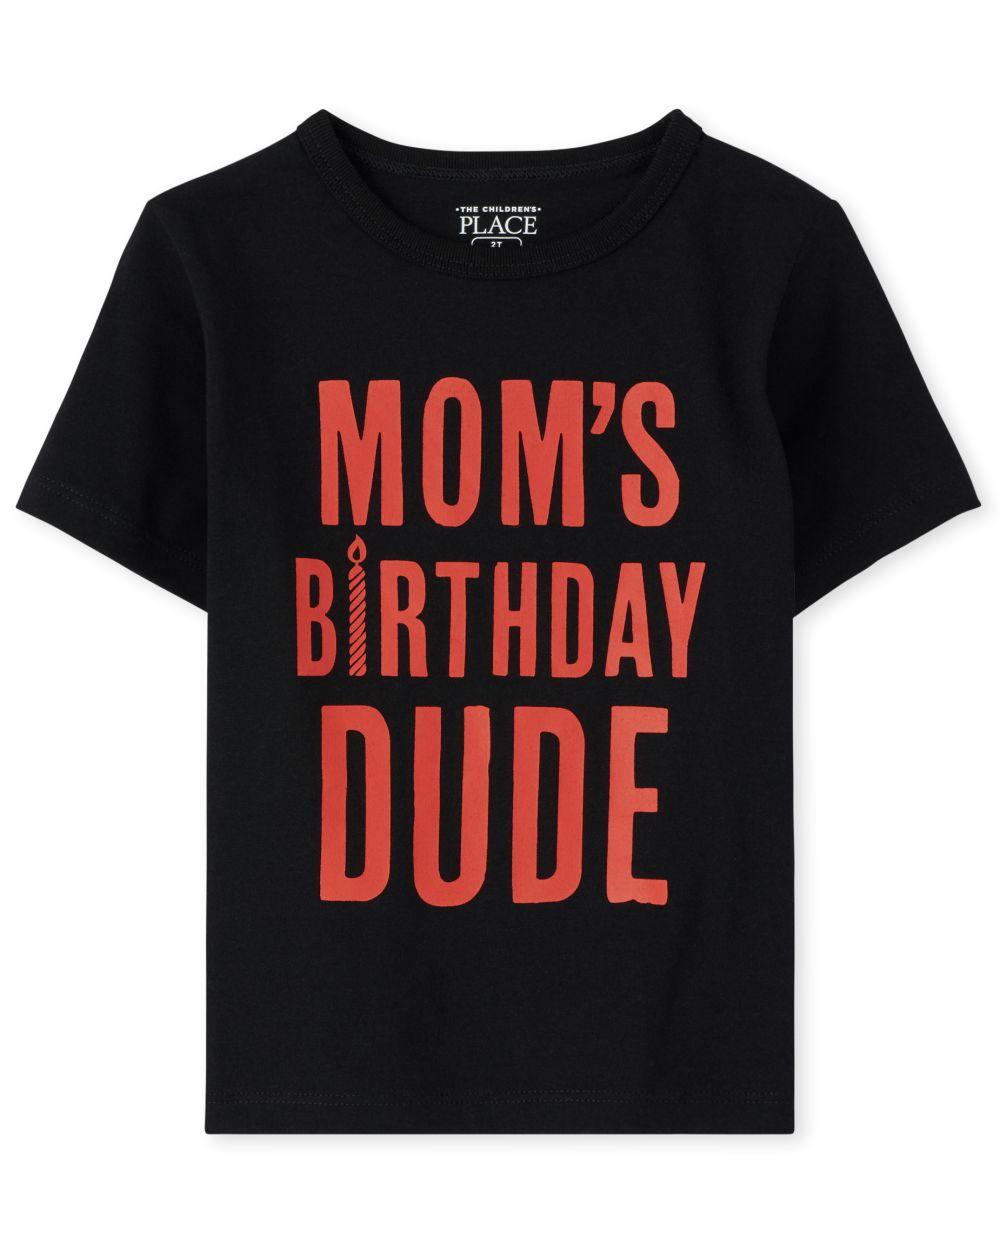 Camiseta estampada tipo cumpleaños de mamá ' s para bebés y niños pequeños